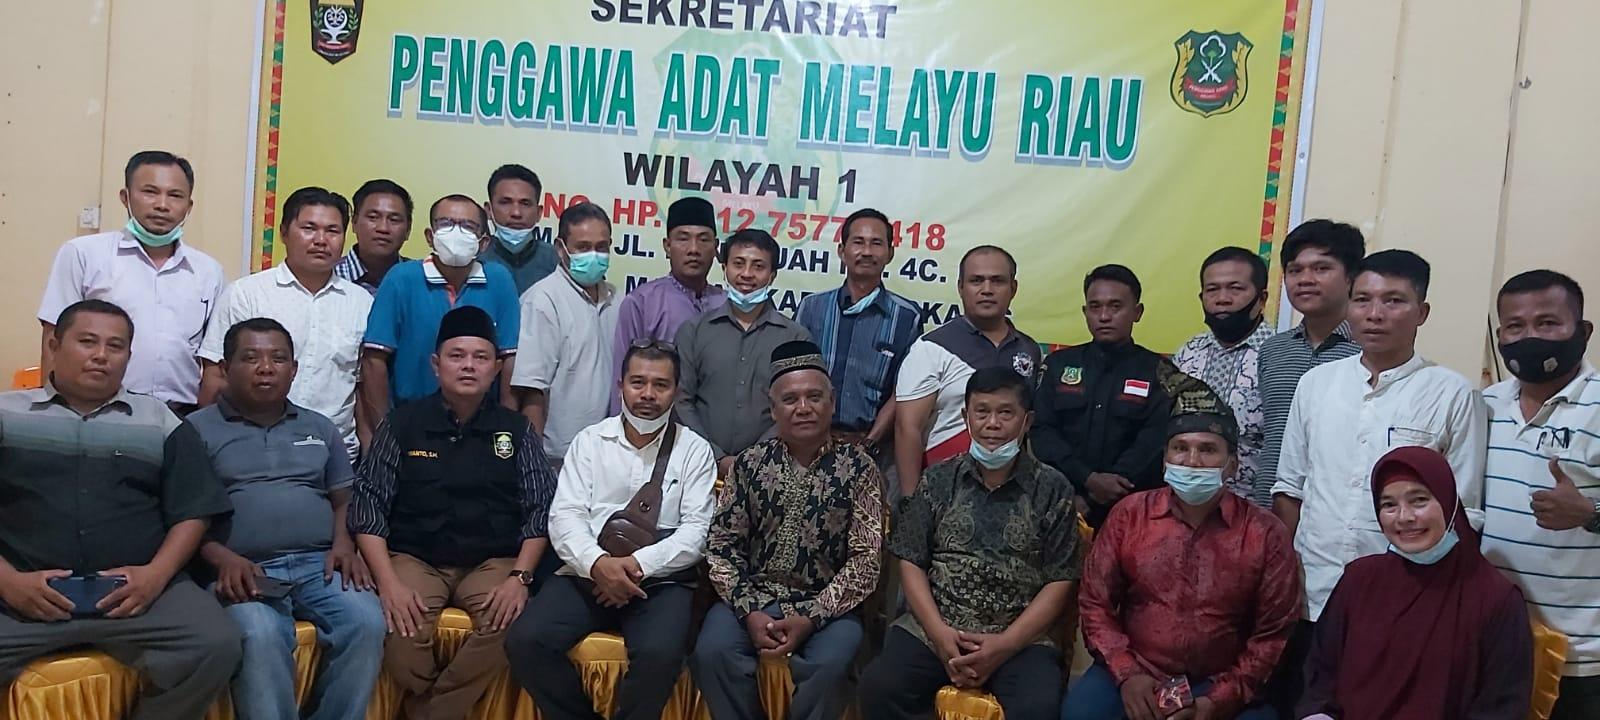 Lokal Bisnis Development (LBD) Duri, Rapatkan Barisan Dibawah Panggawa Adat Melayu